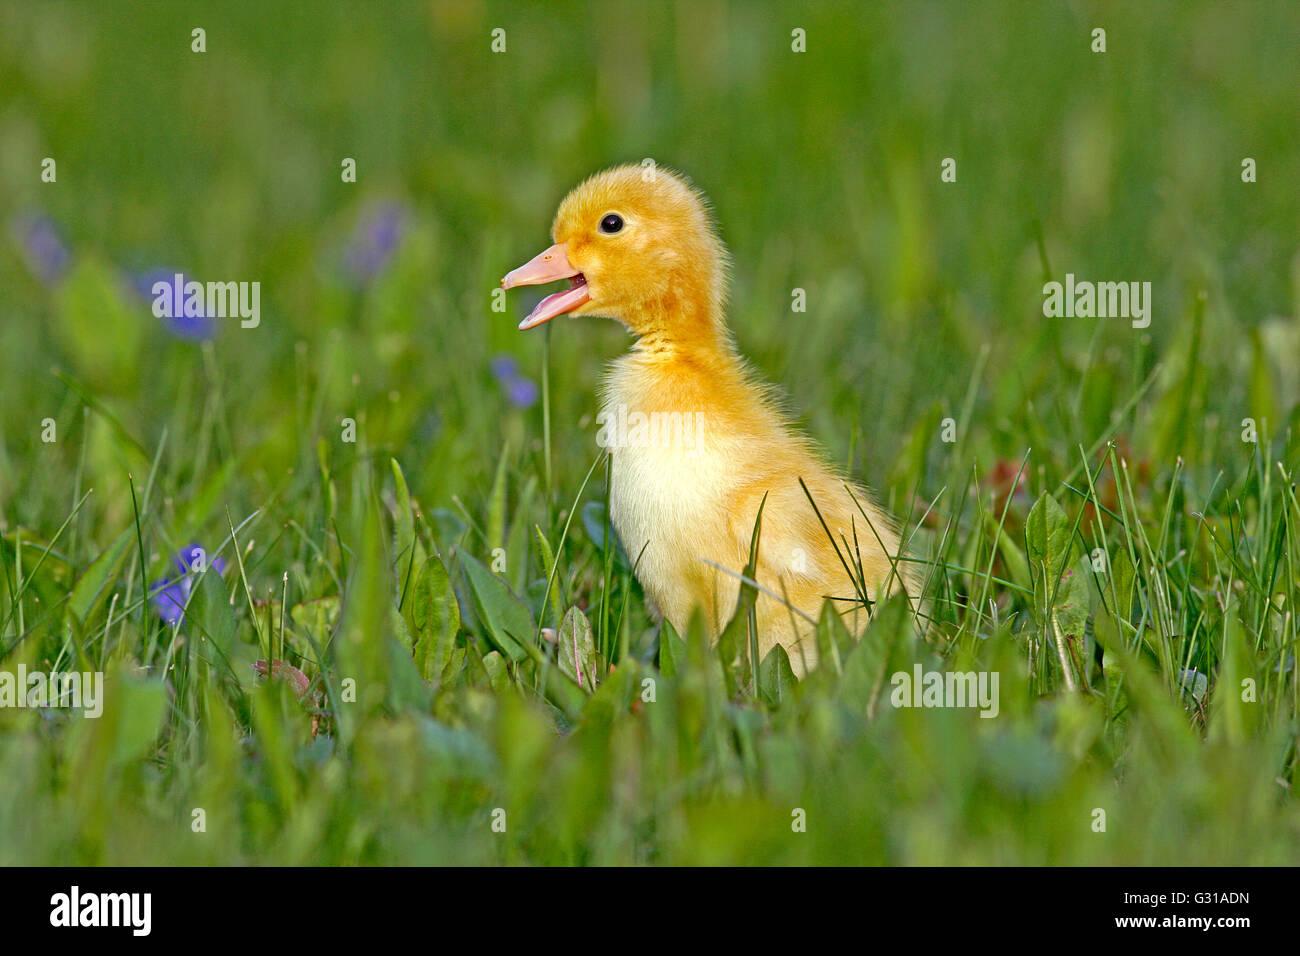 Anatroccolo pochi giorni, passeggiate in erba con fiori di colore blu Immagini Stock